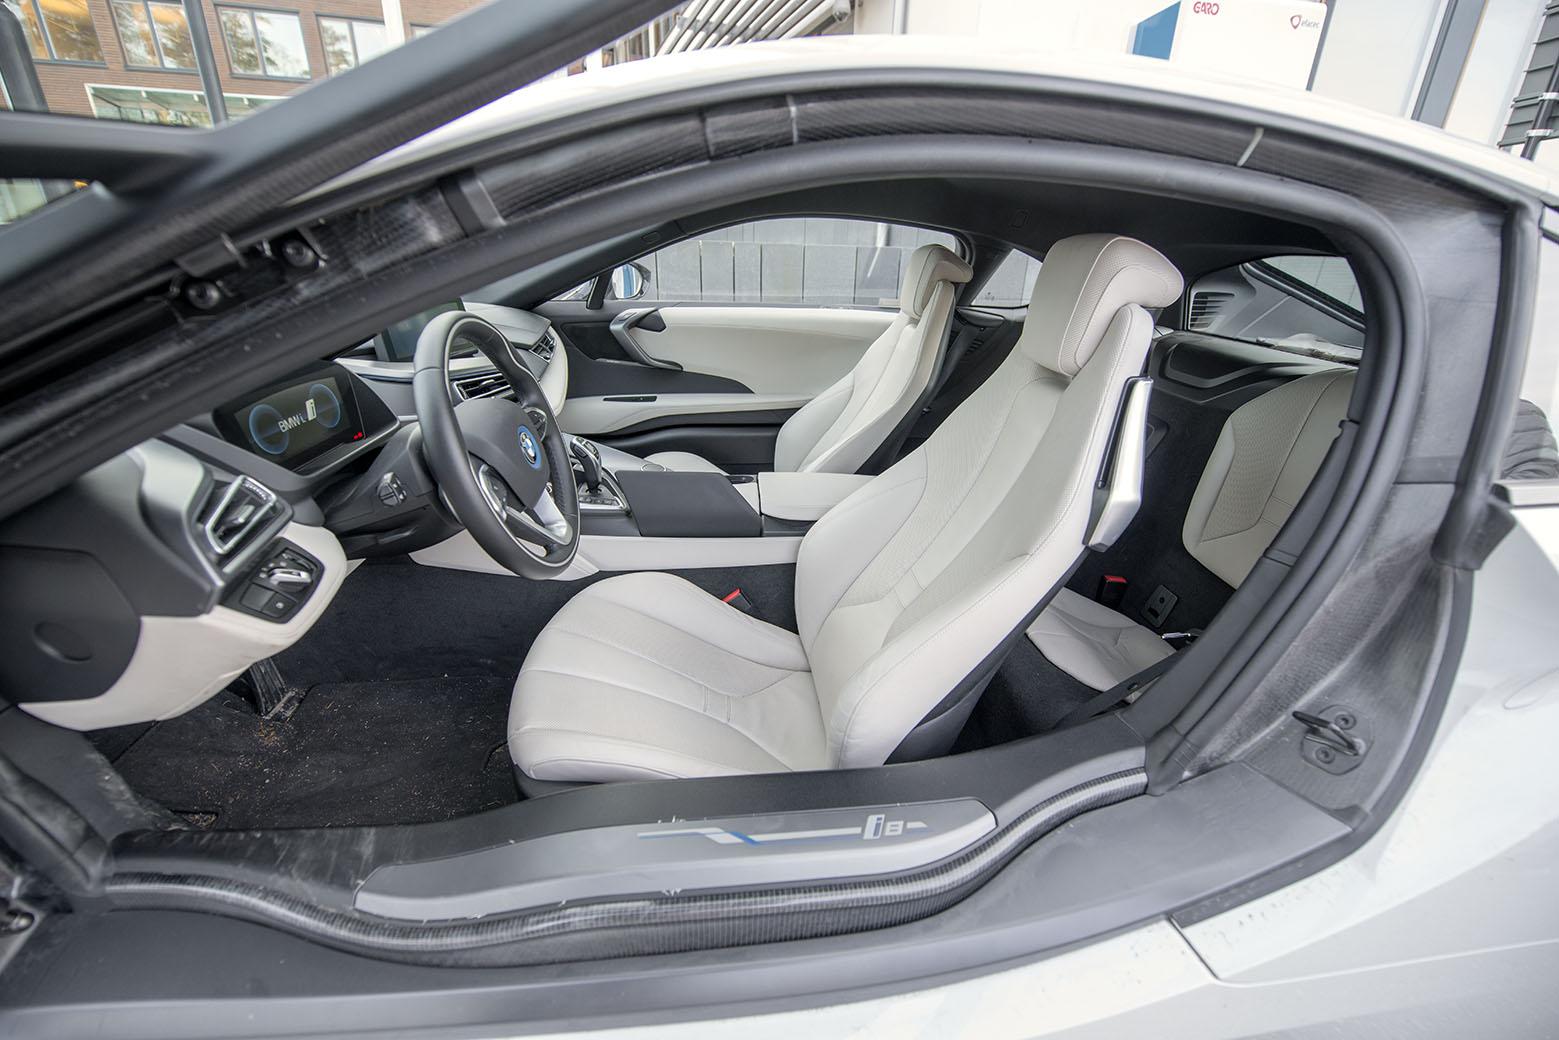 smSN BMW i8 11 170314